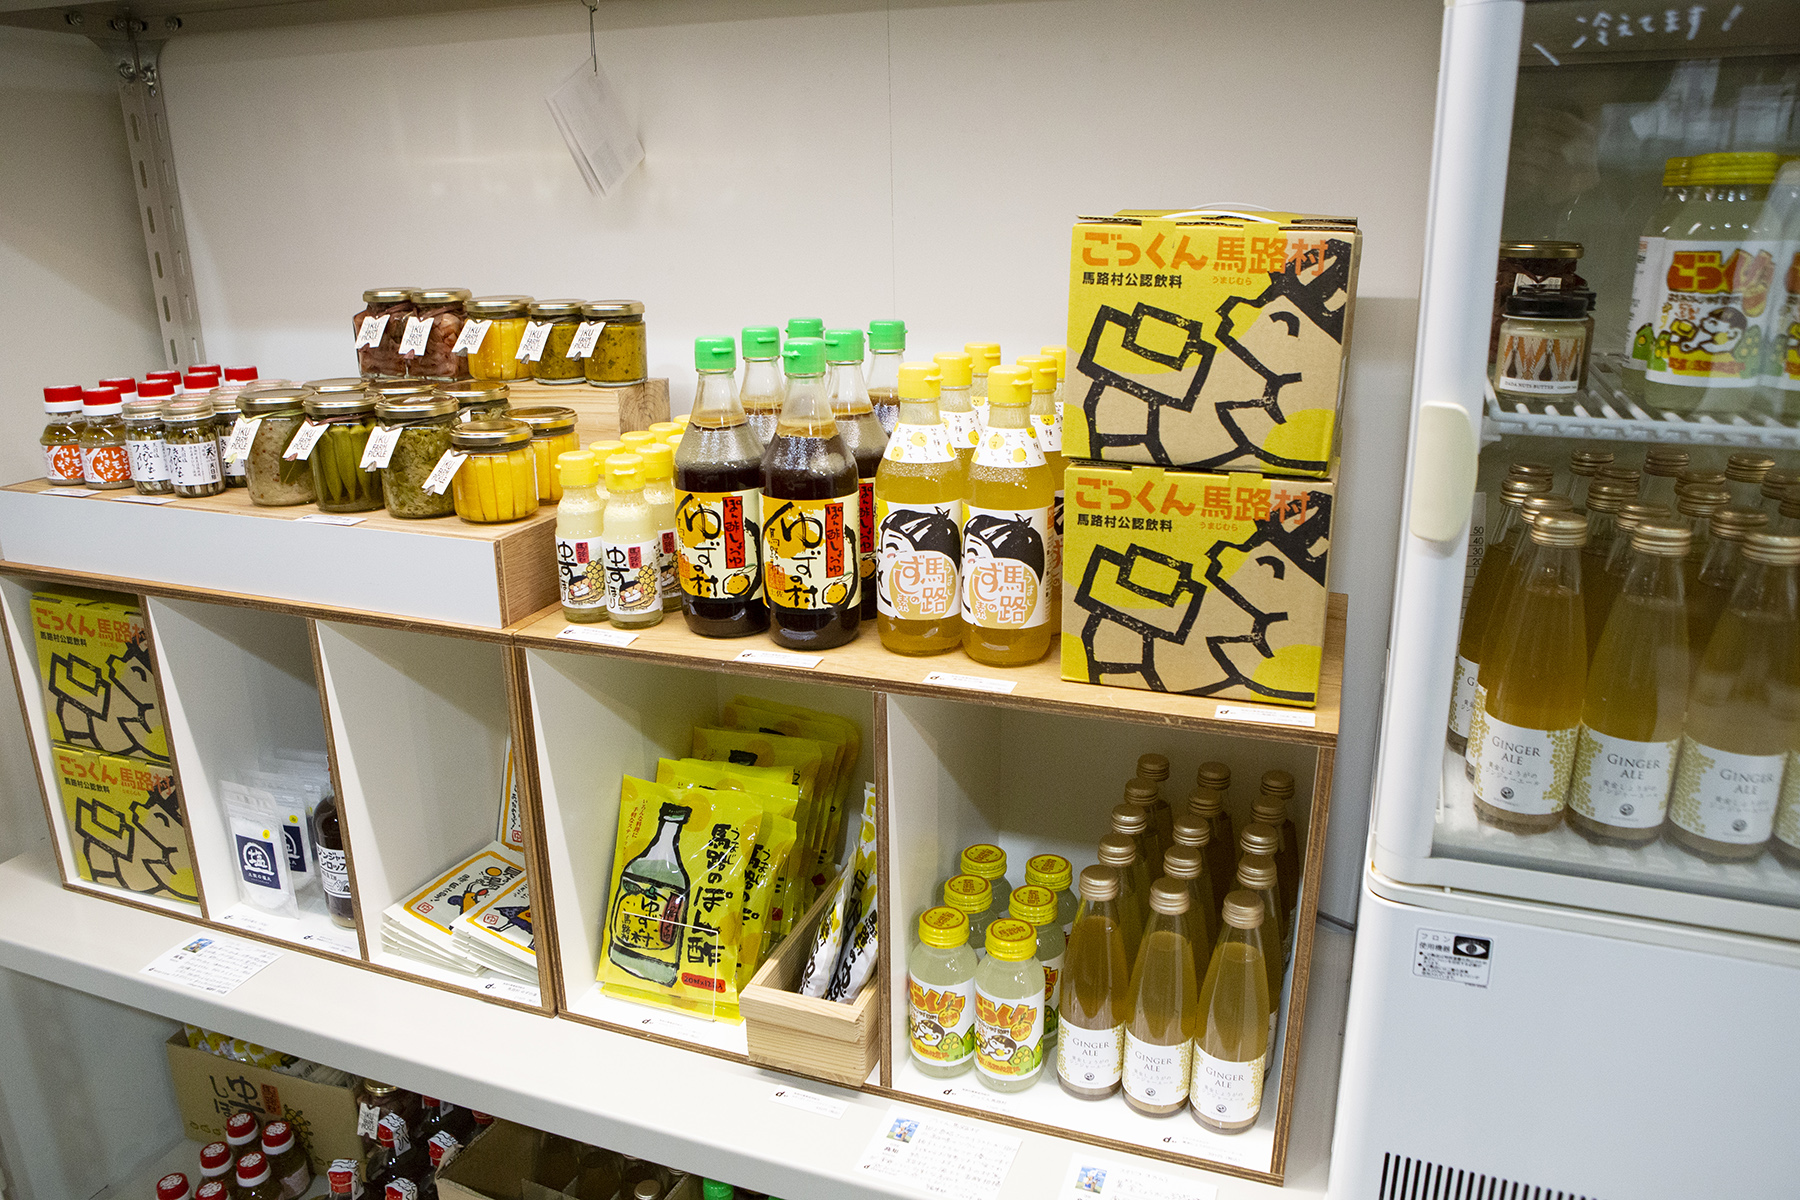 神藤秀人同時擔任編輯、策展角色外,也必須身兼販售商品的採購,透過他的視角挑選最原汁原味,且符合設計準則的當地食(飲)品。